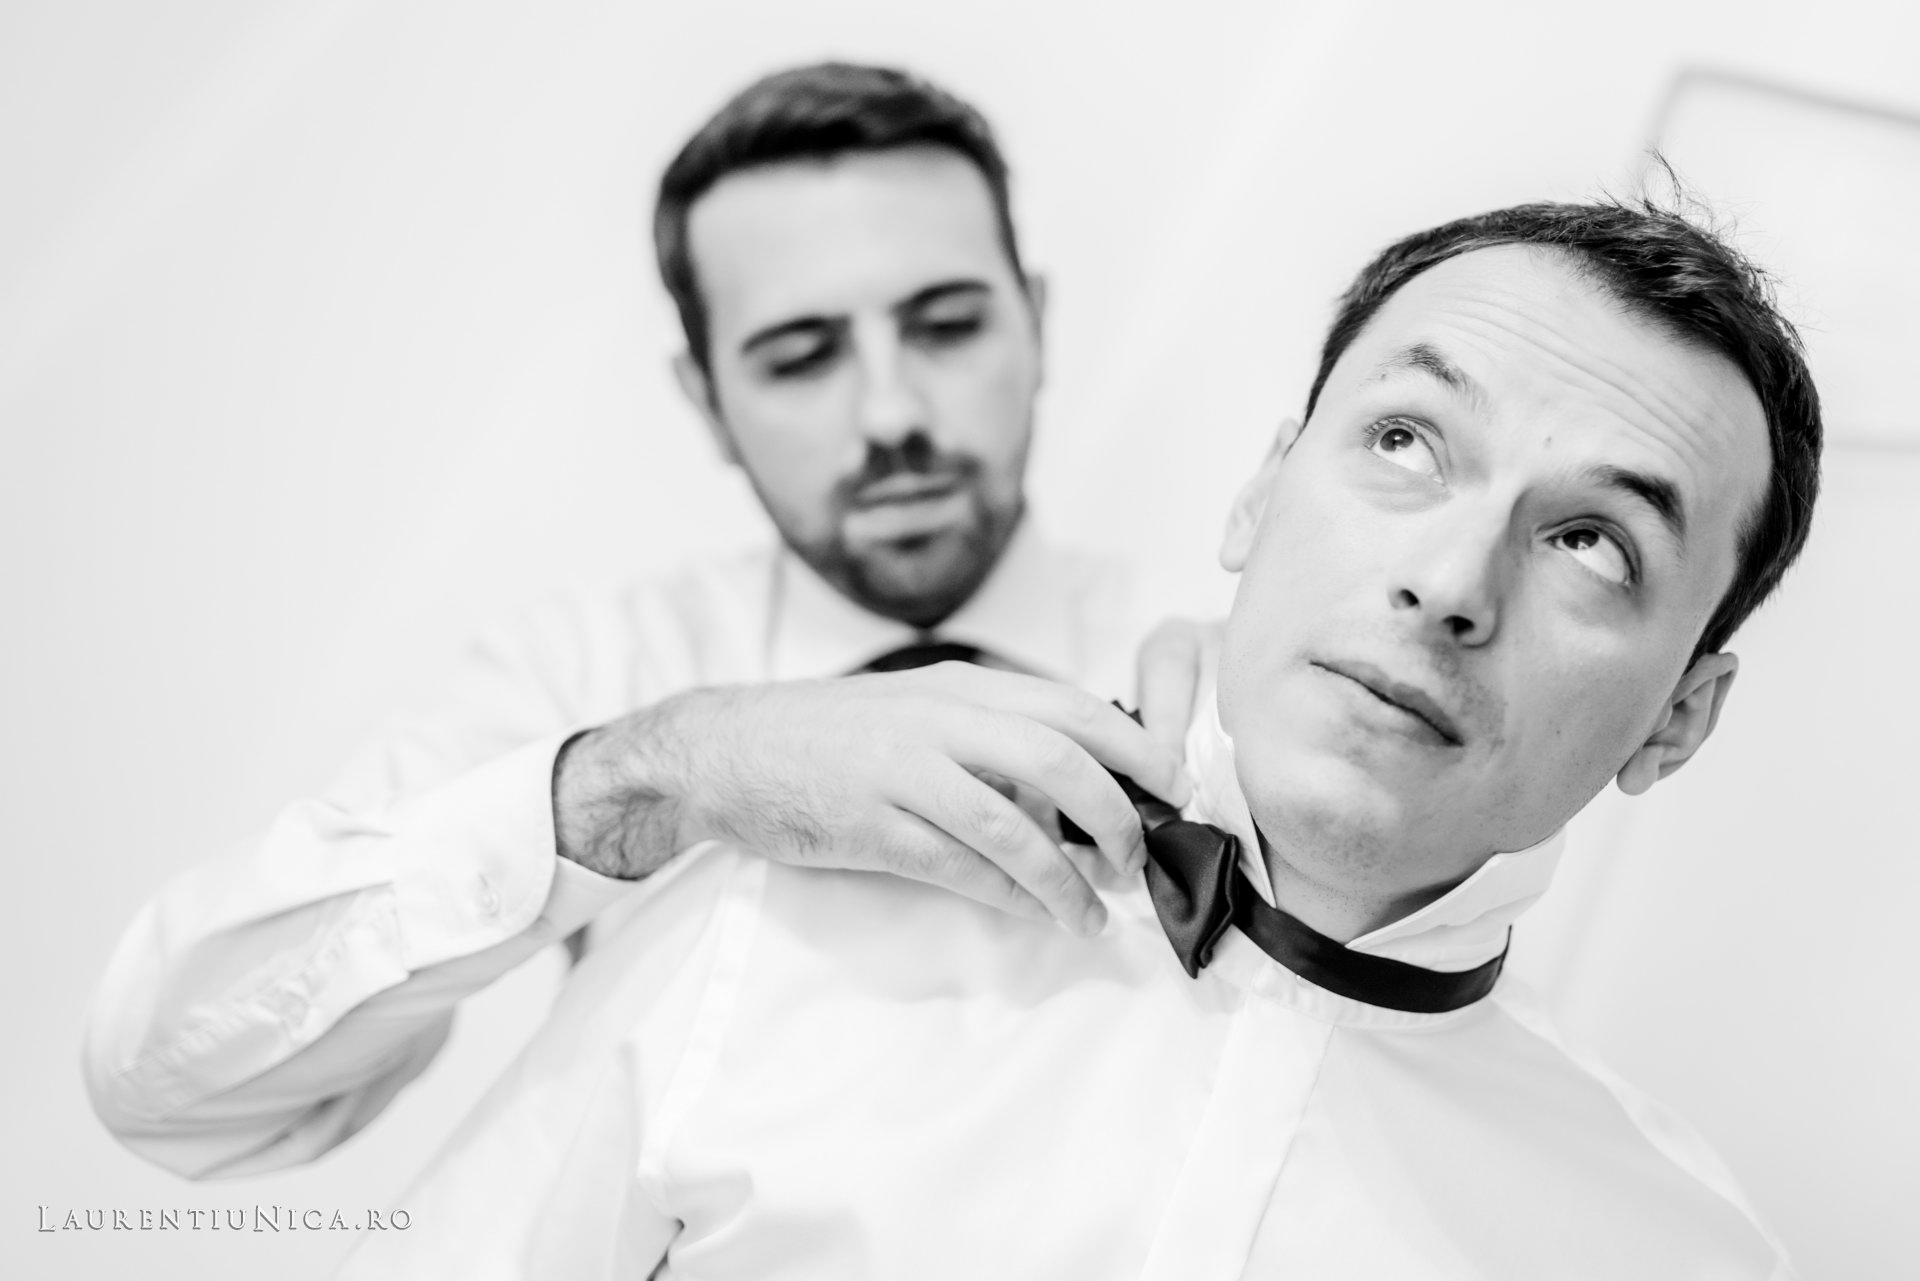 alina si razvan craiova fotograf nunta laurentiu nica22 - Alina & Razvan | Fotografii nunta